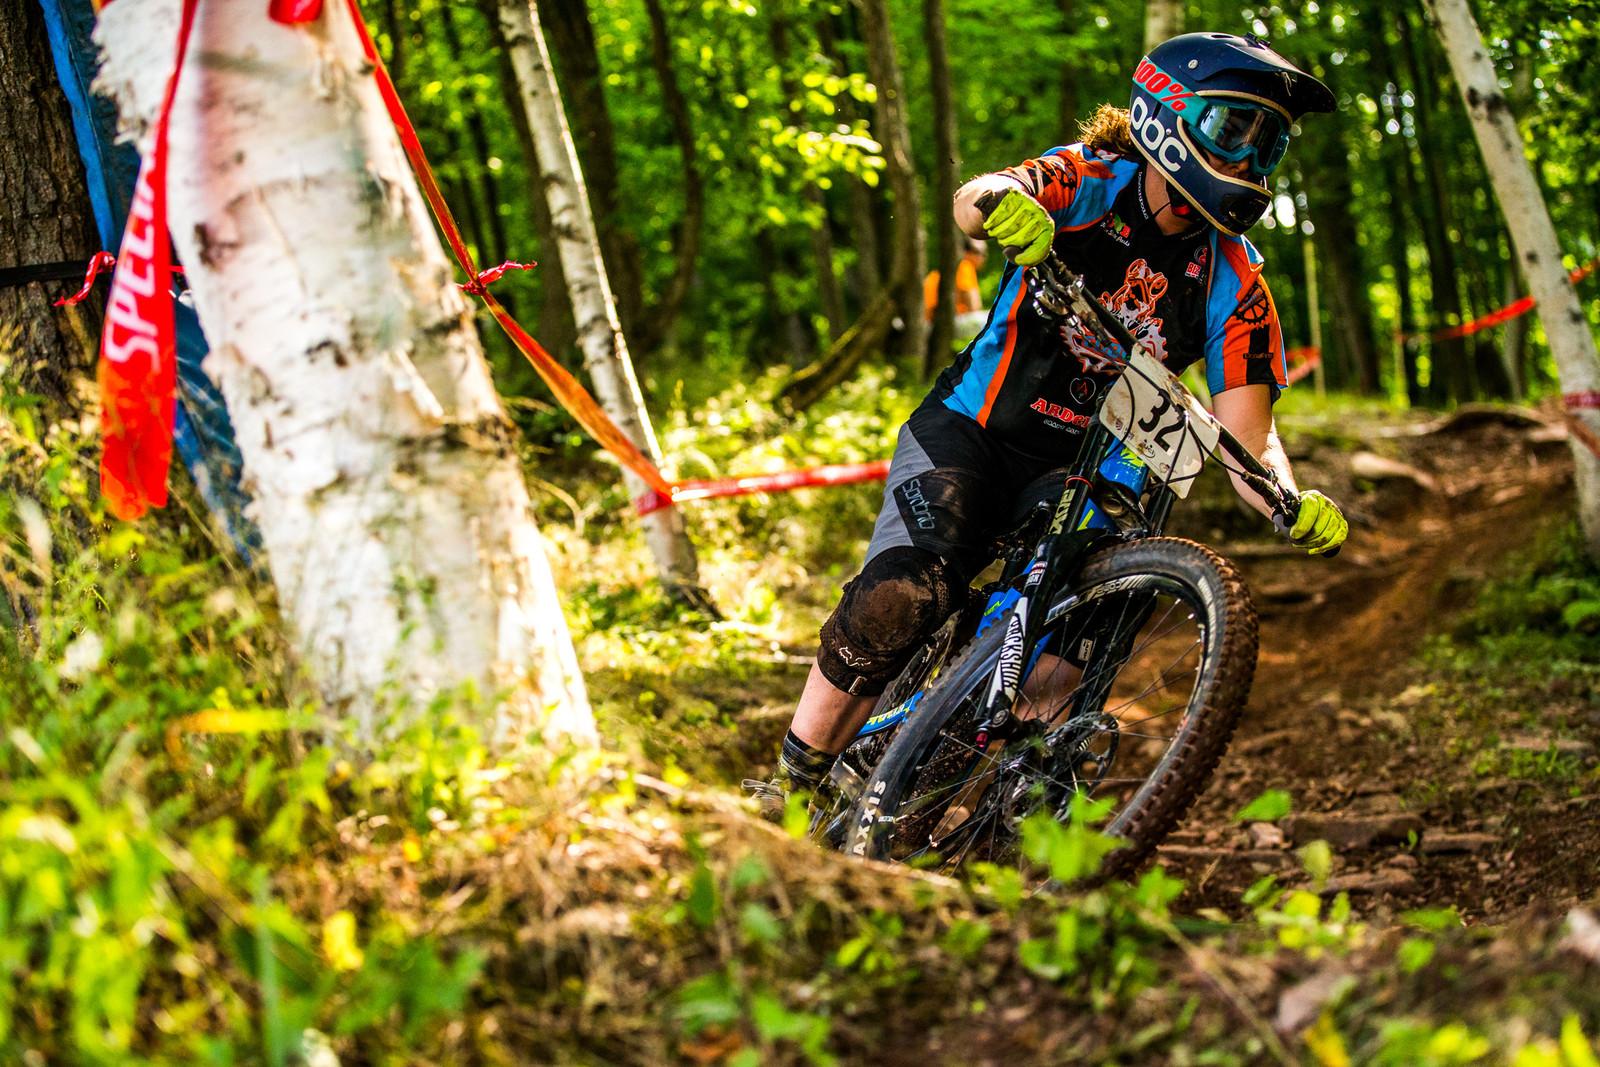 Rachel Kelleher - RACE DAY GALLERY - 2017 Pro GRT, Windham, NY - Mountain Biking Pictures - Vital MTB